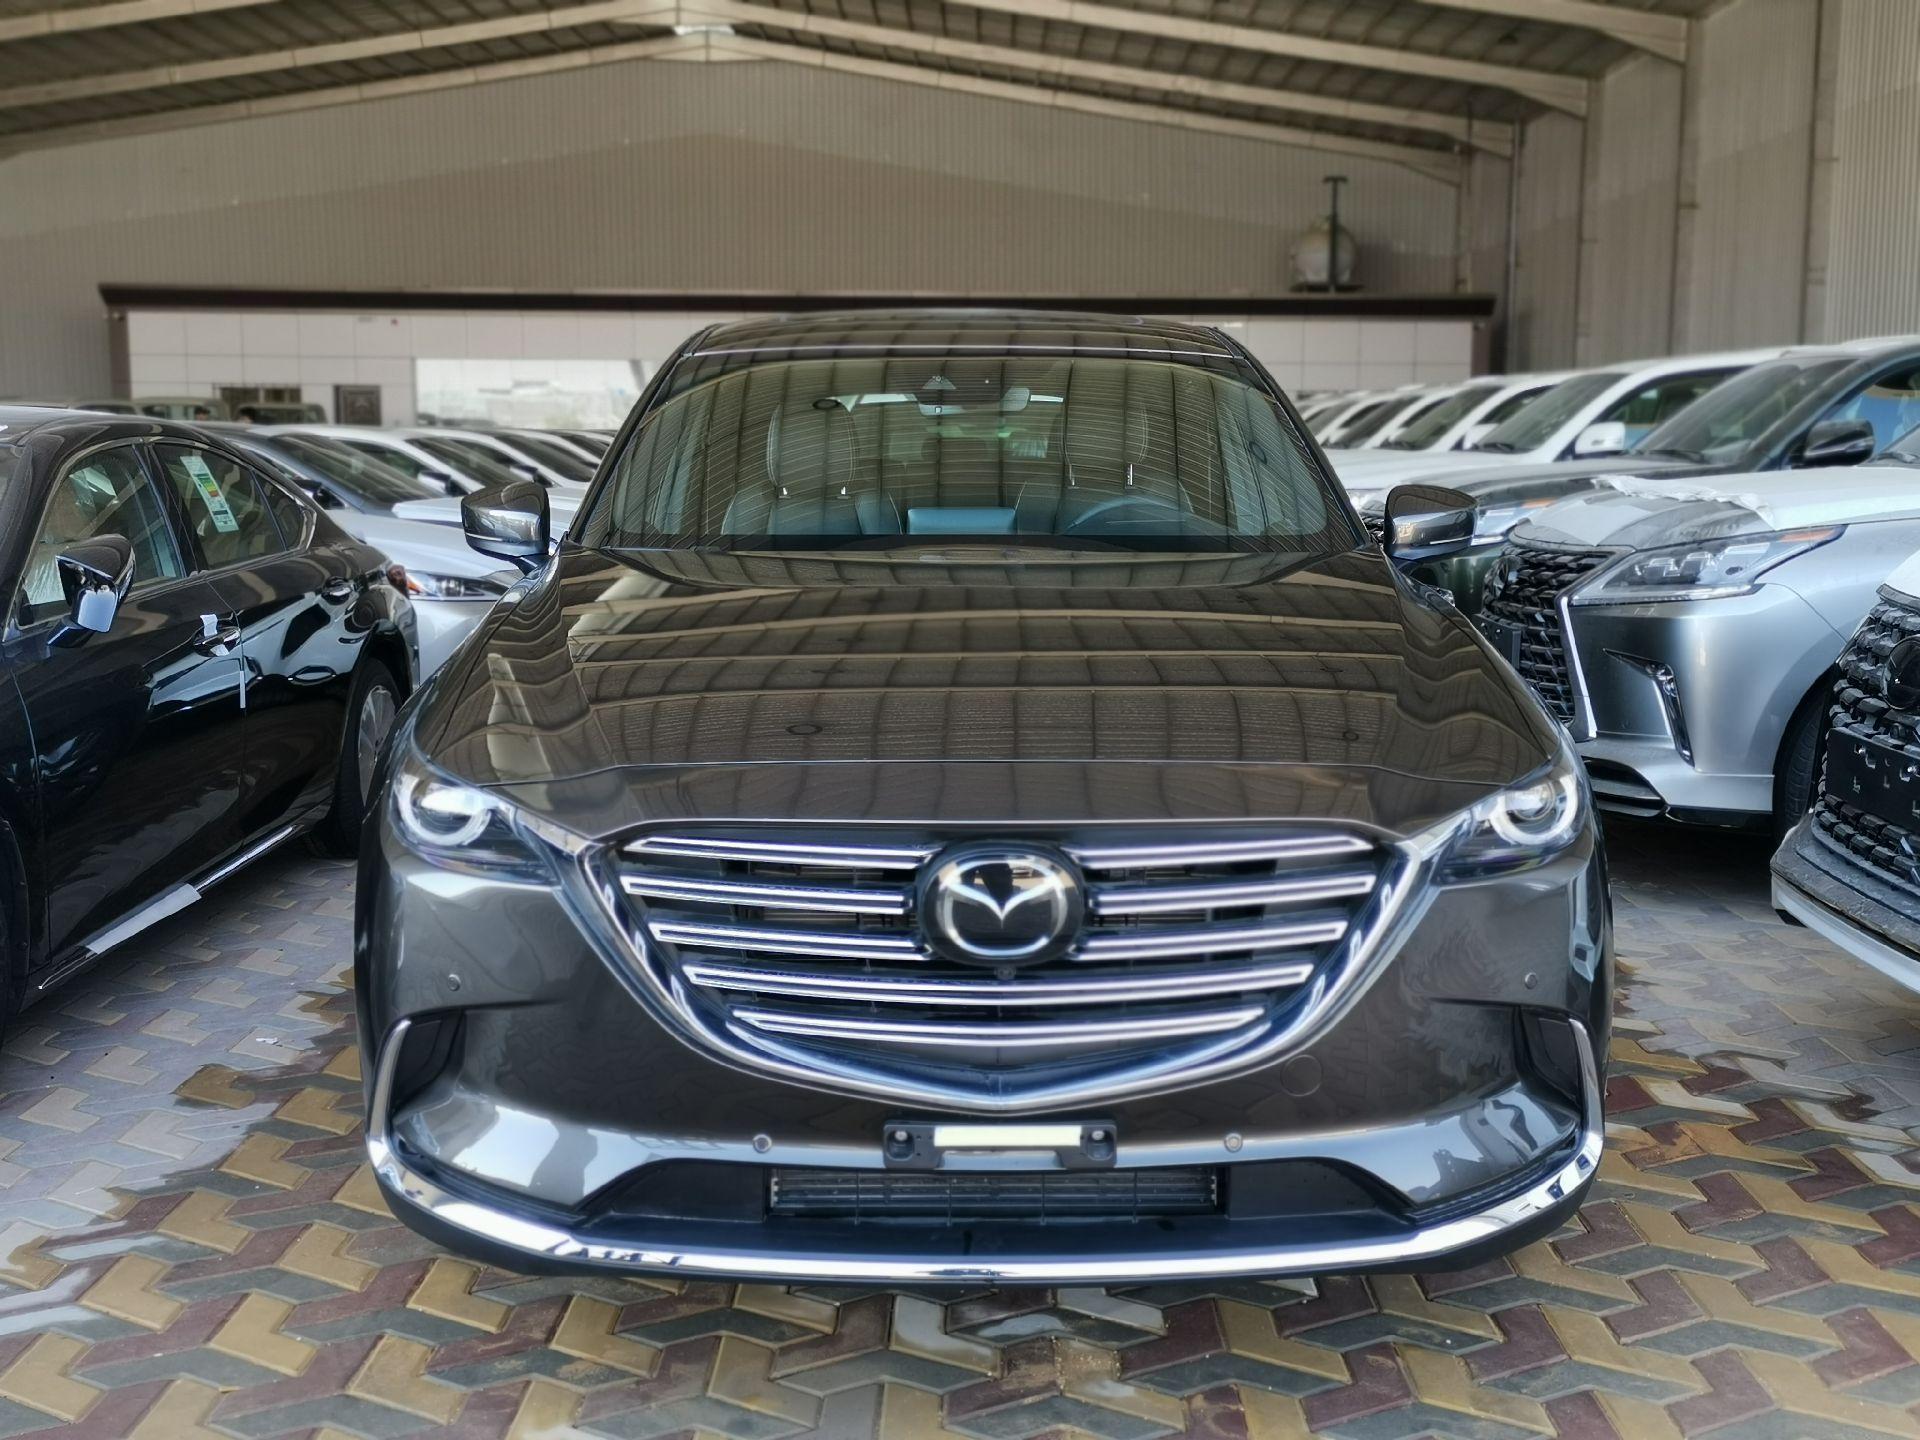 مازدا CX9 2020 سجنتشر فل خليجي للبيع في الرياض - السعودية - صورة كبيرة - 6